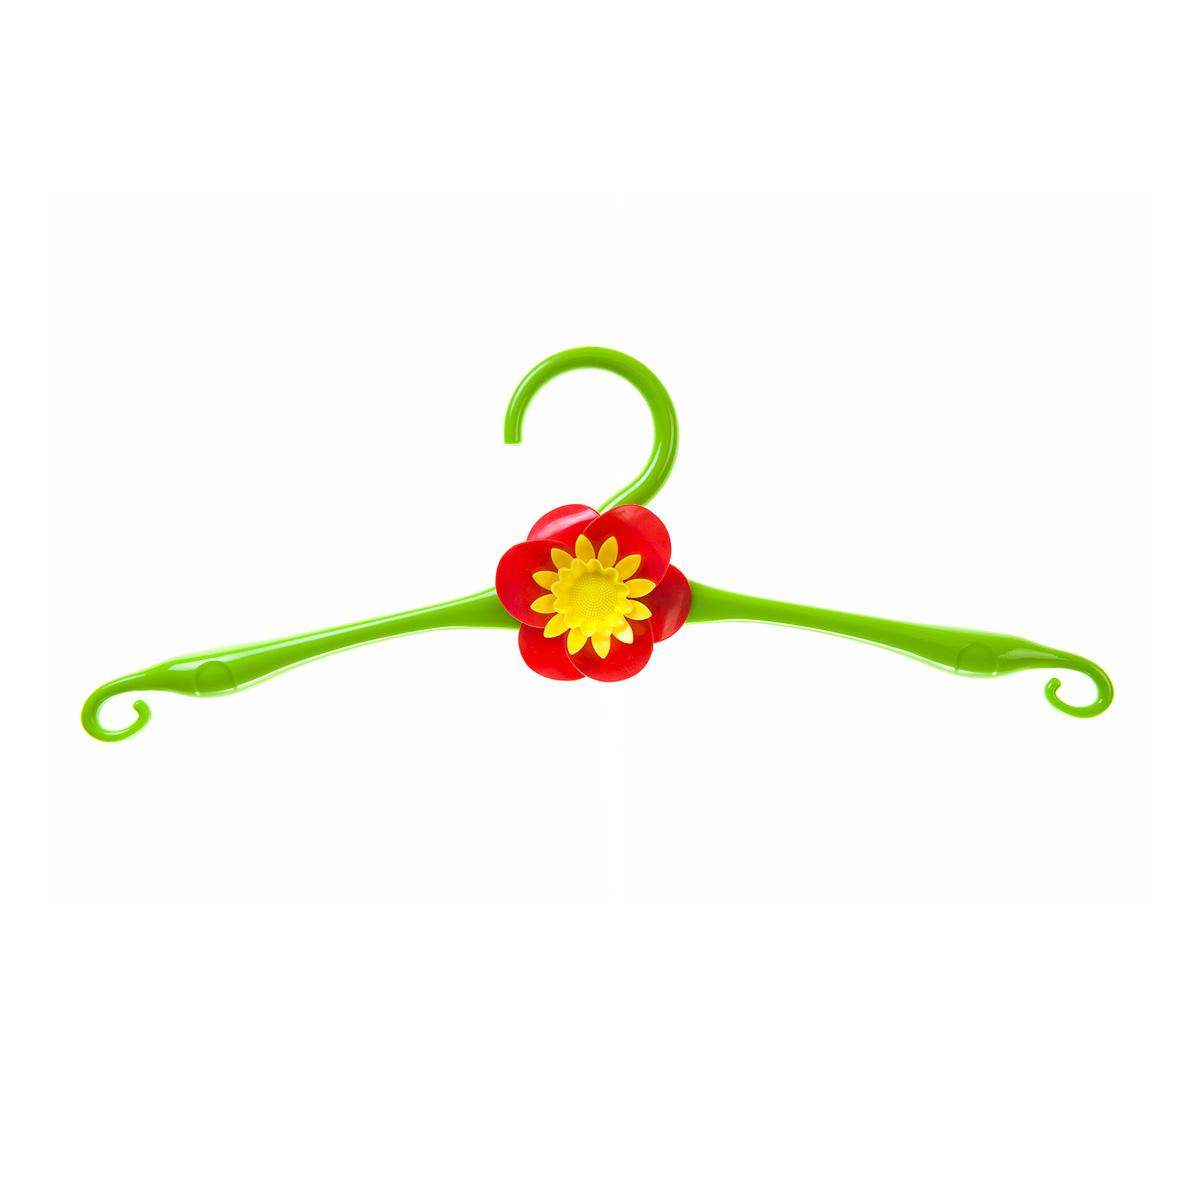 Вешалка HomeQueen, пластиковая, цвет: зеленый, длина 41 см вешалка крючок magic home двойной цвет оранжевый 43887